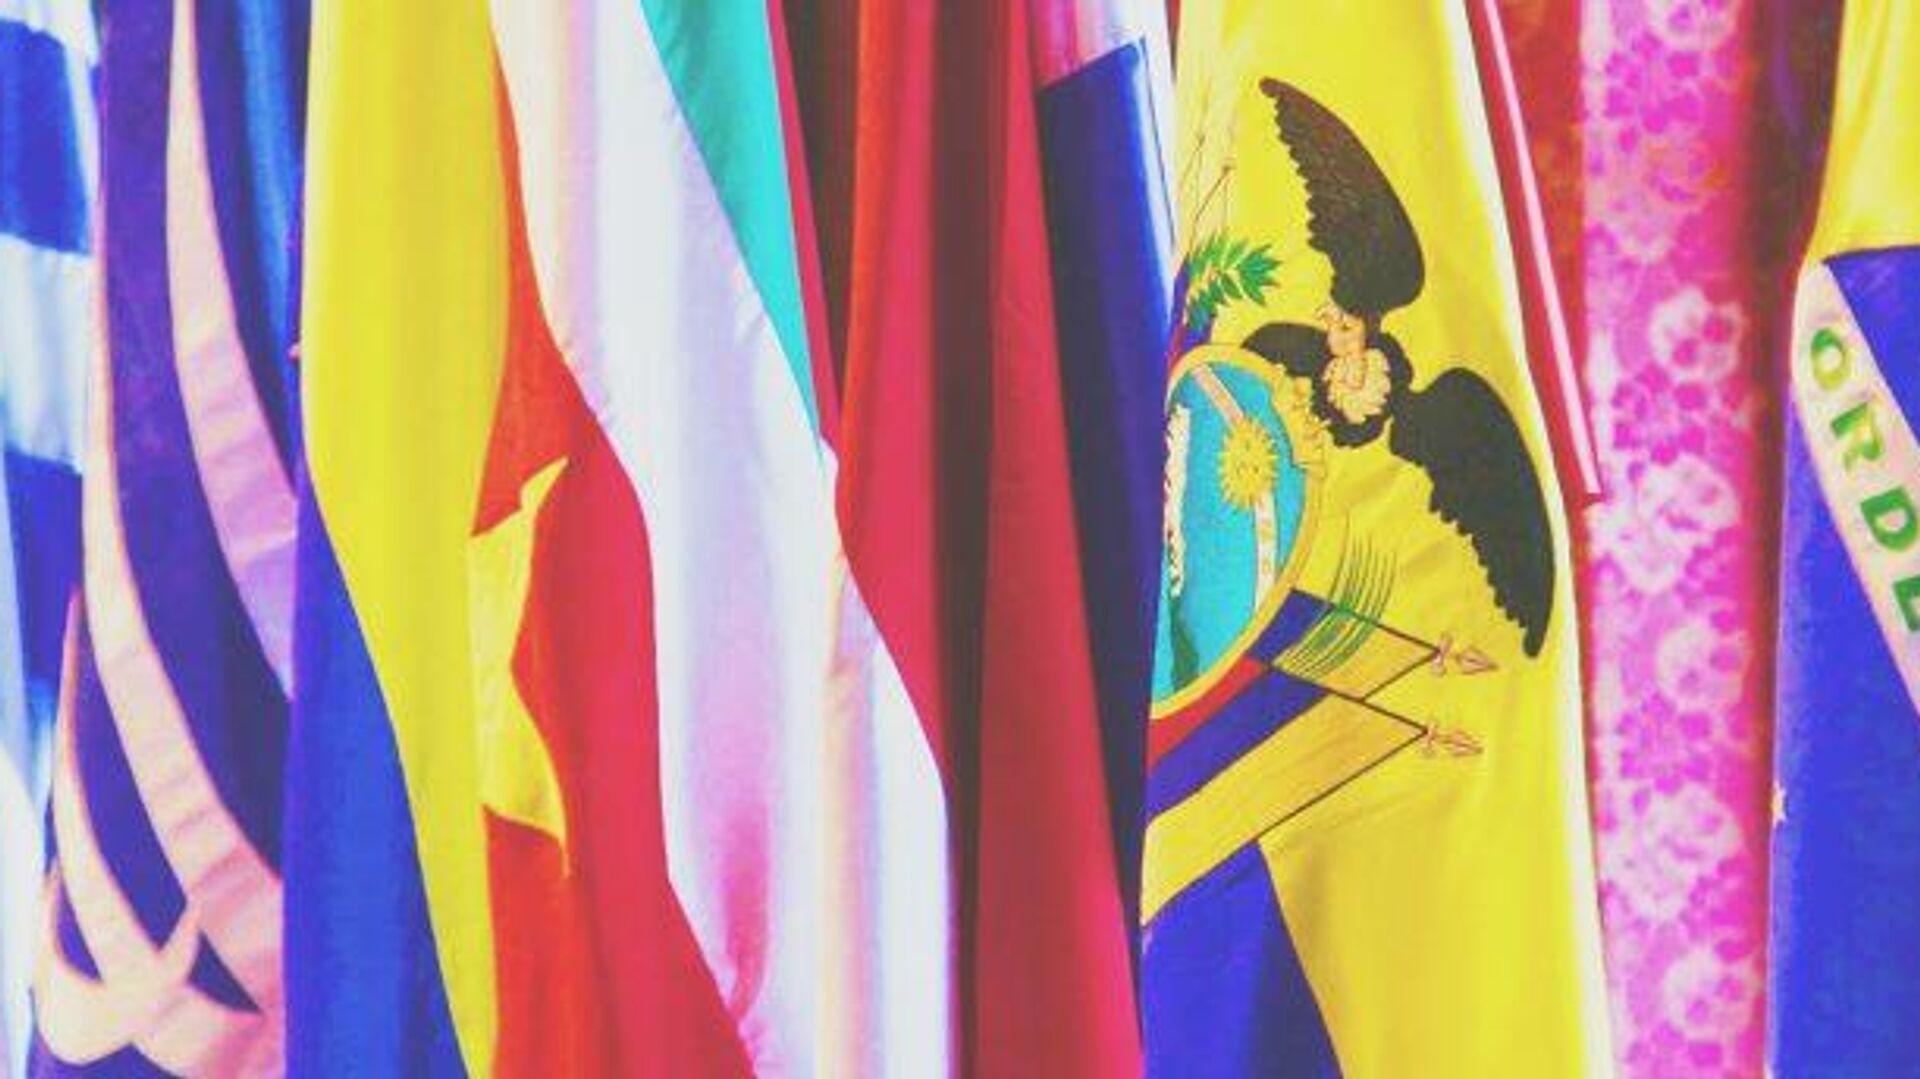 Ecuador: arranca campaña electoral para presidenciales del 11 de abril - Sputnik Mundo, 1920, 18.03.2021